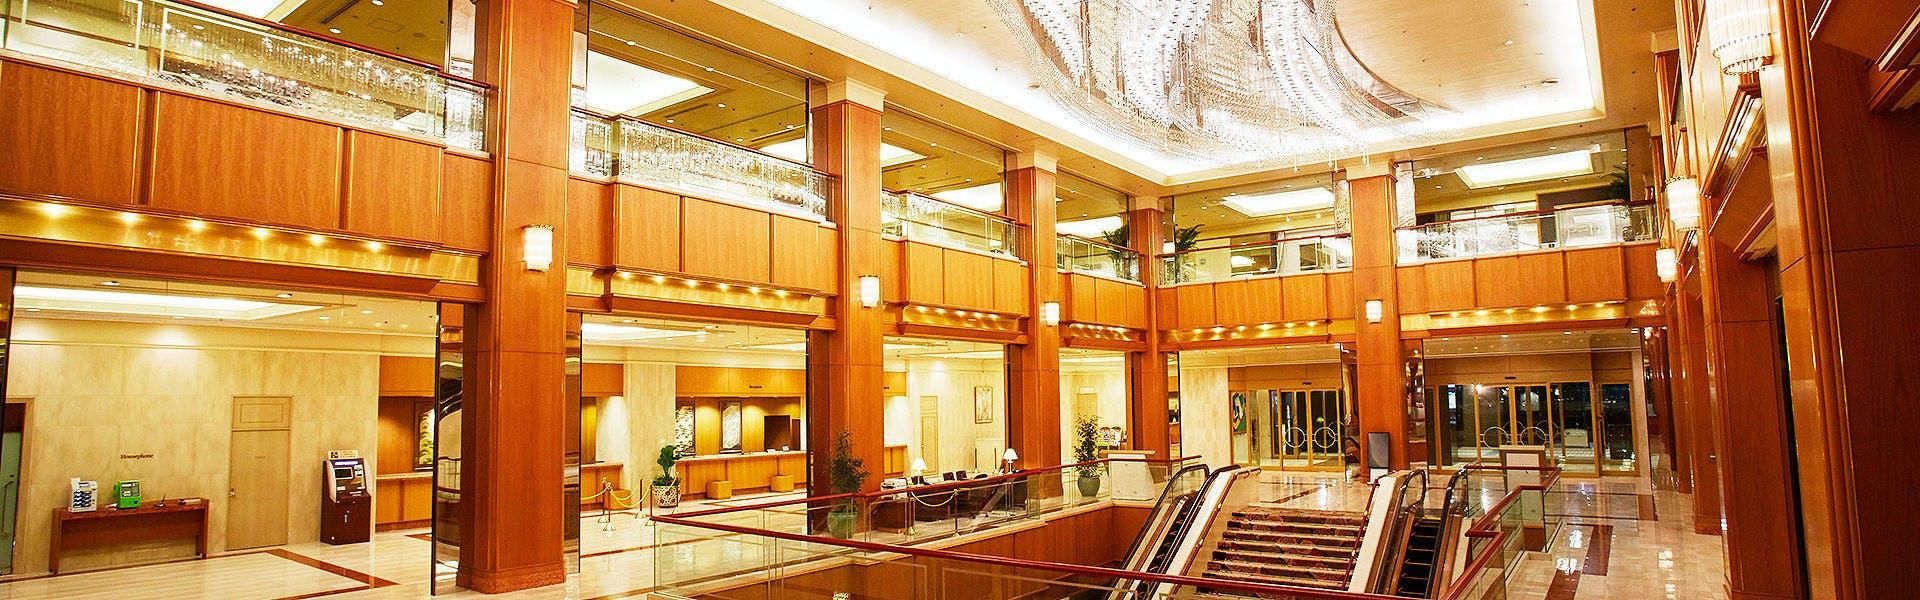 ロイヤルパークホテル - 宿泊予約は[一休]